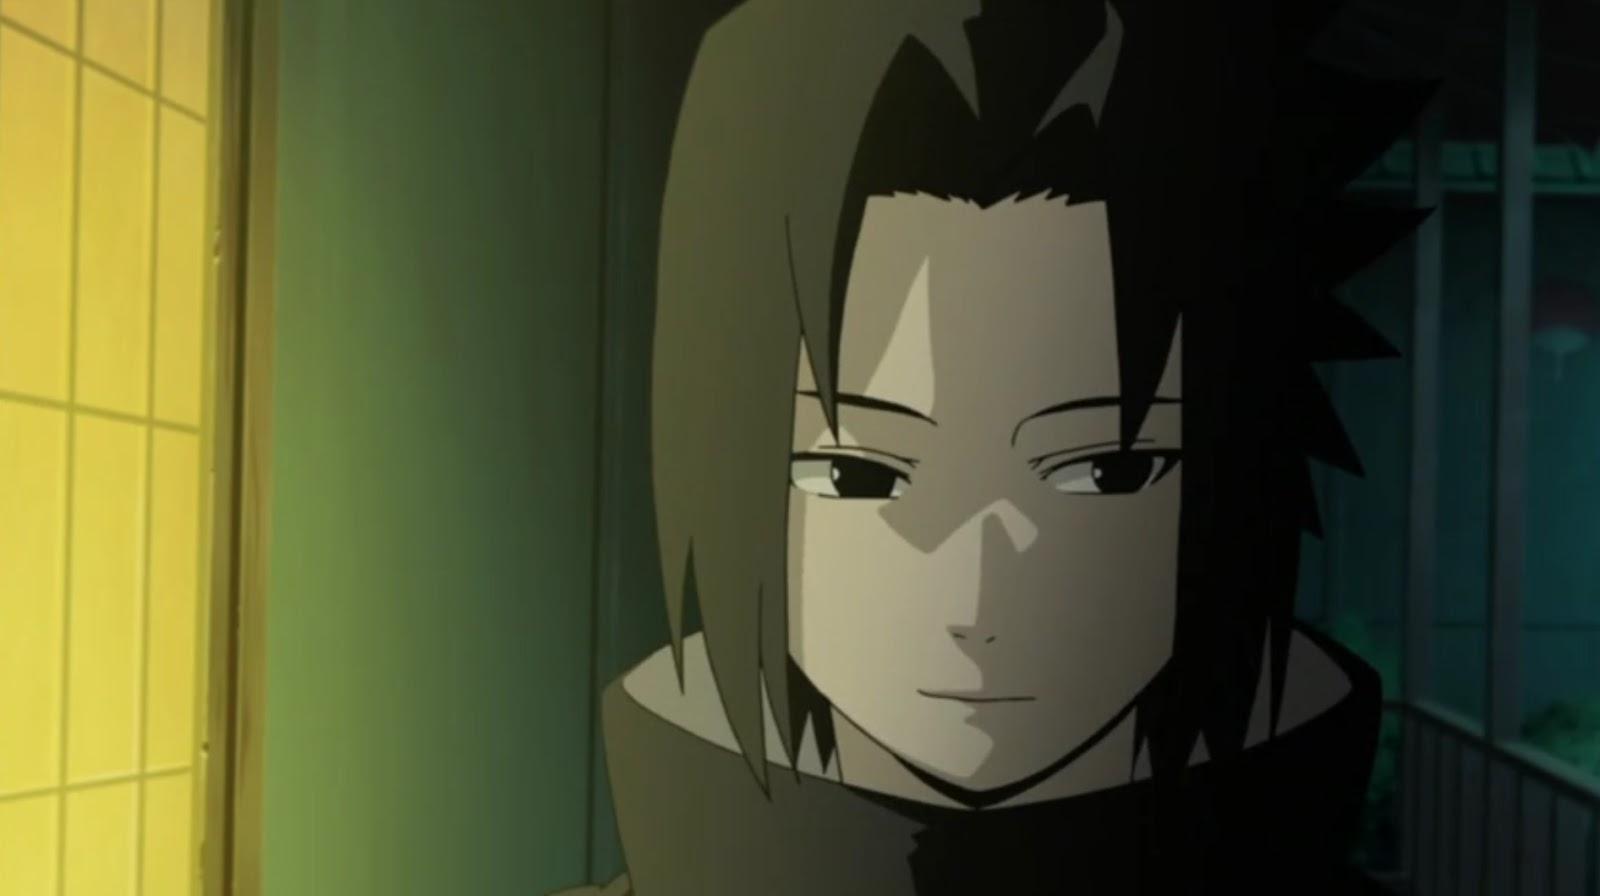 Naruto Shippuden Episódio 442, Assistir Naruto Shippuden Episódio 442, Assistir Naruto Shippuden Todos os Episódios Legendado, Naruto Shippuden episódio 442,HD